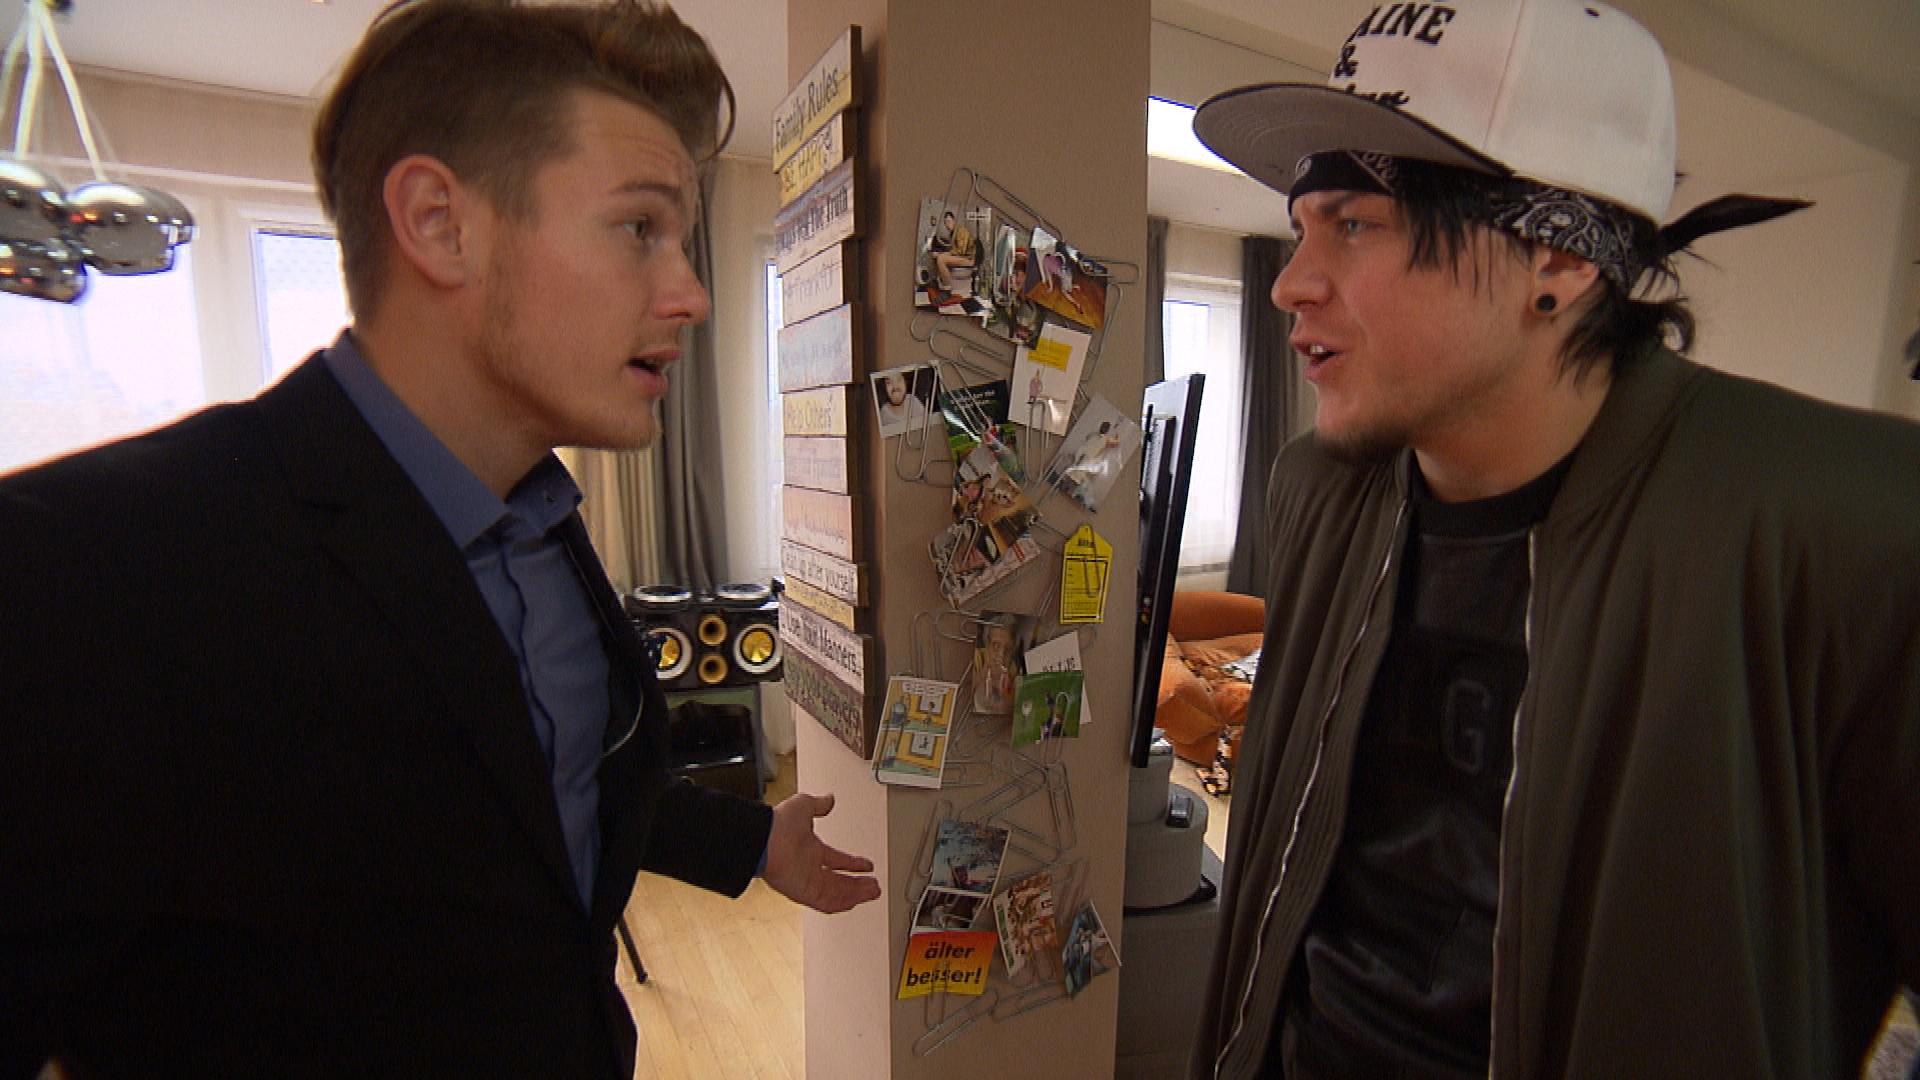 Valentinstellt Kevin ein Ultimatum, dass seine und Chantals Habseligkeiten bis Ende der Woche aus der WG verschwinden (Quelle: RTL 2)